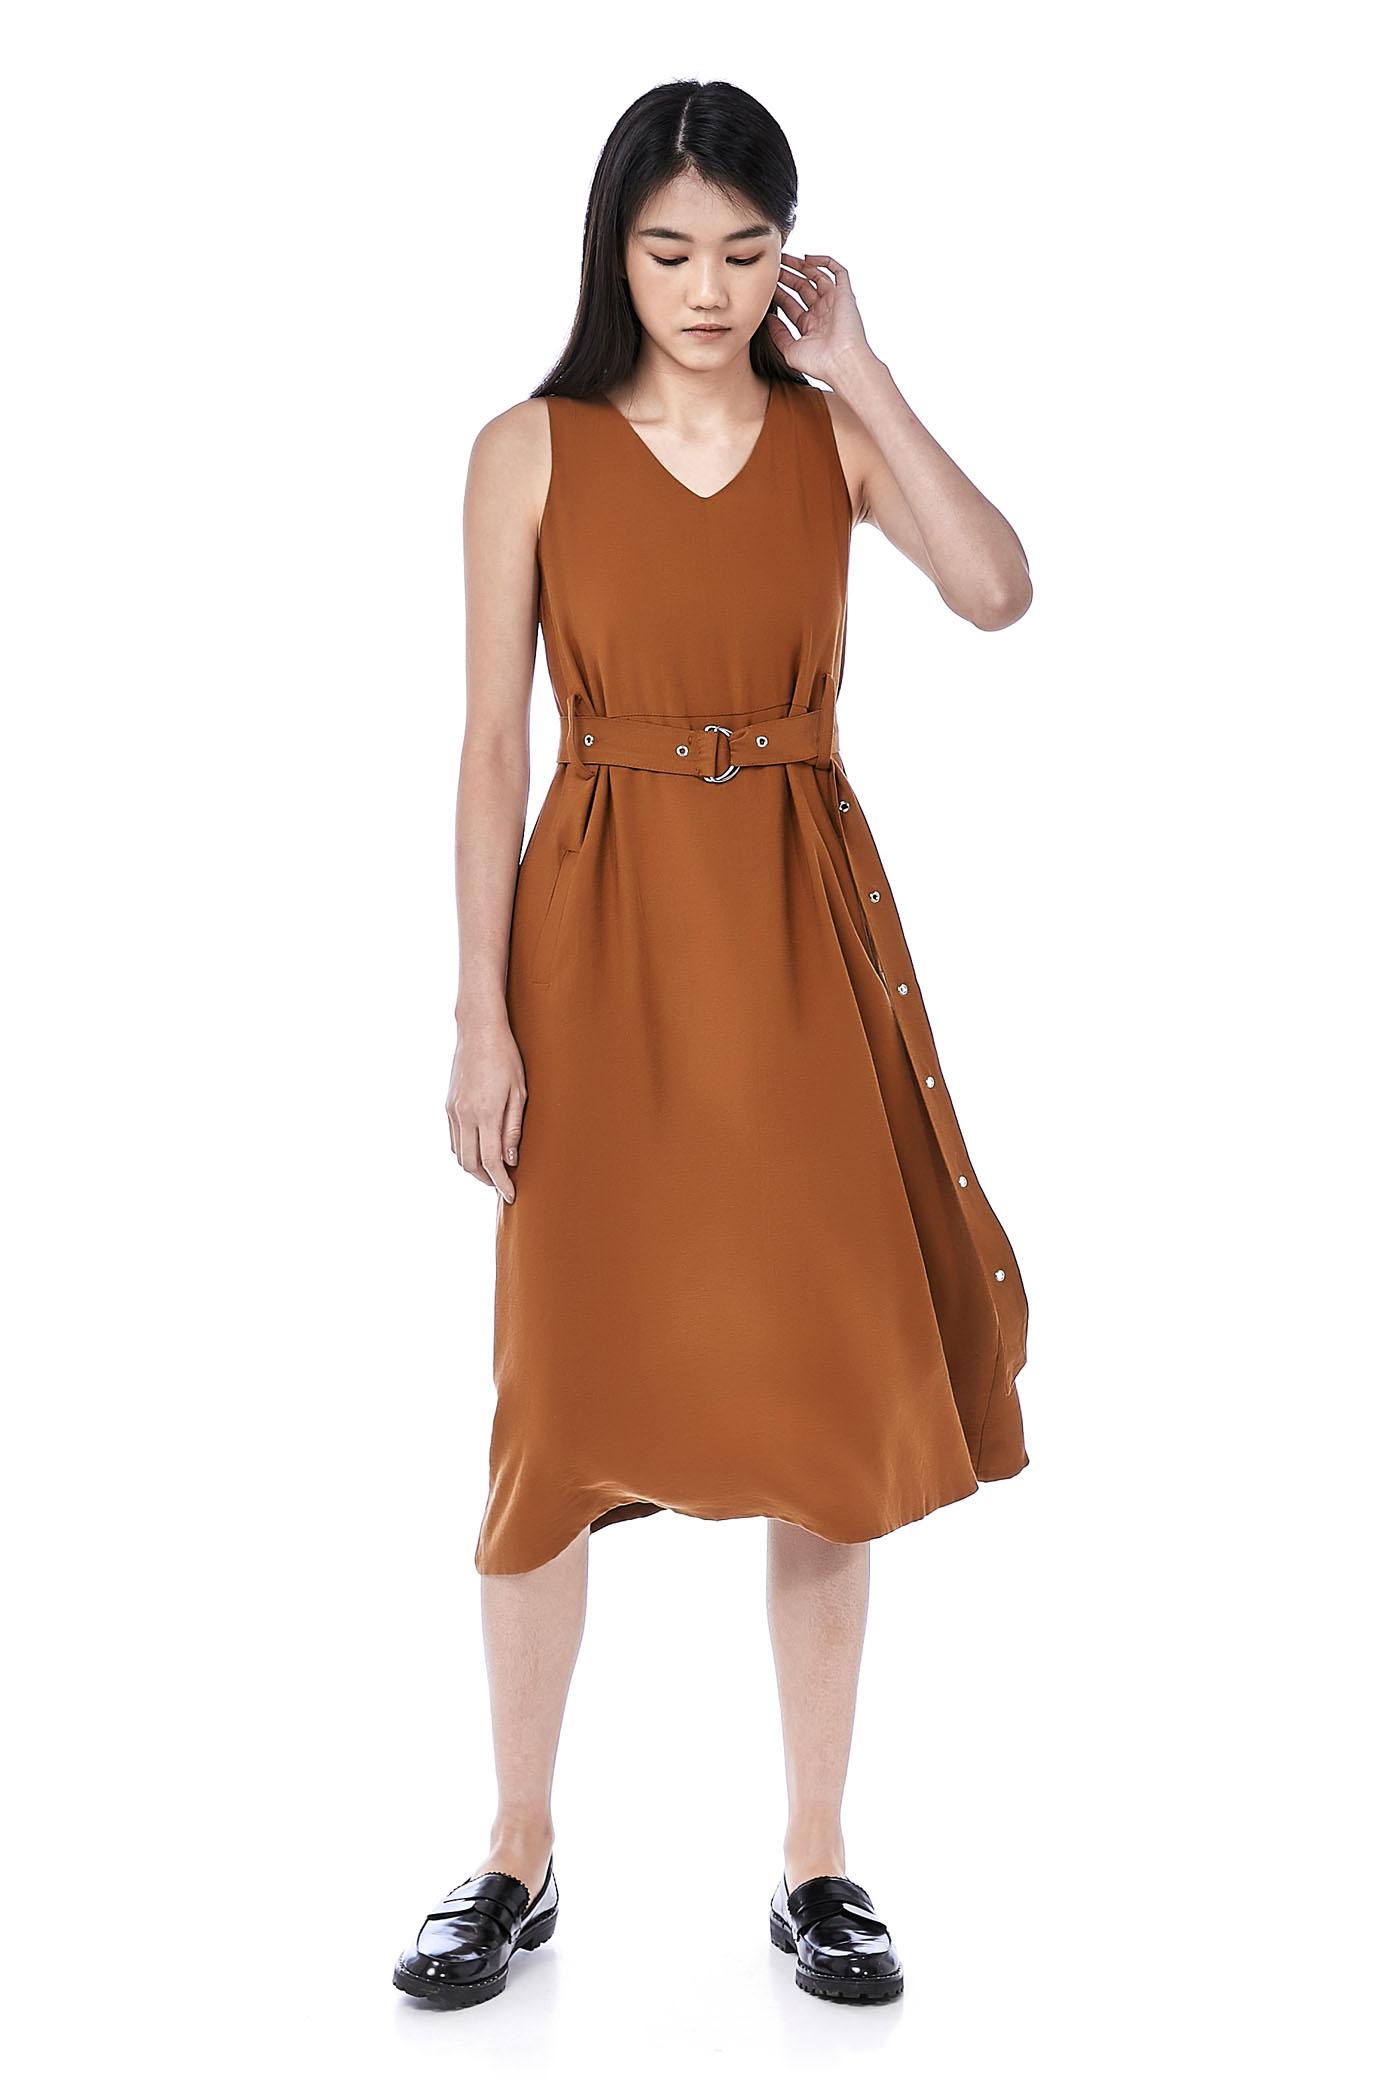 Cyrus D-Ring Dress